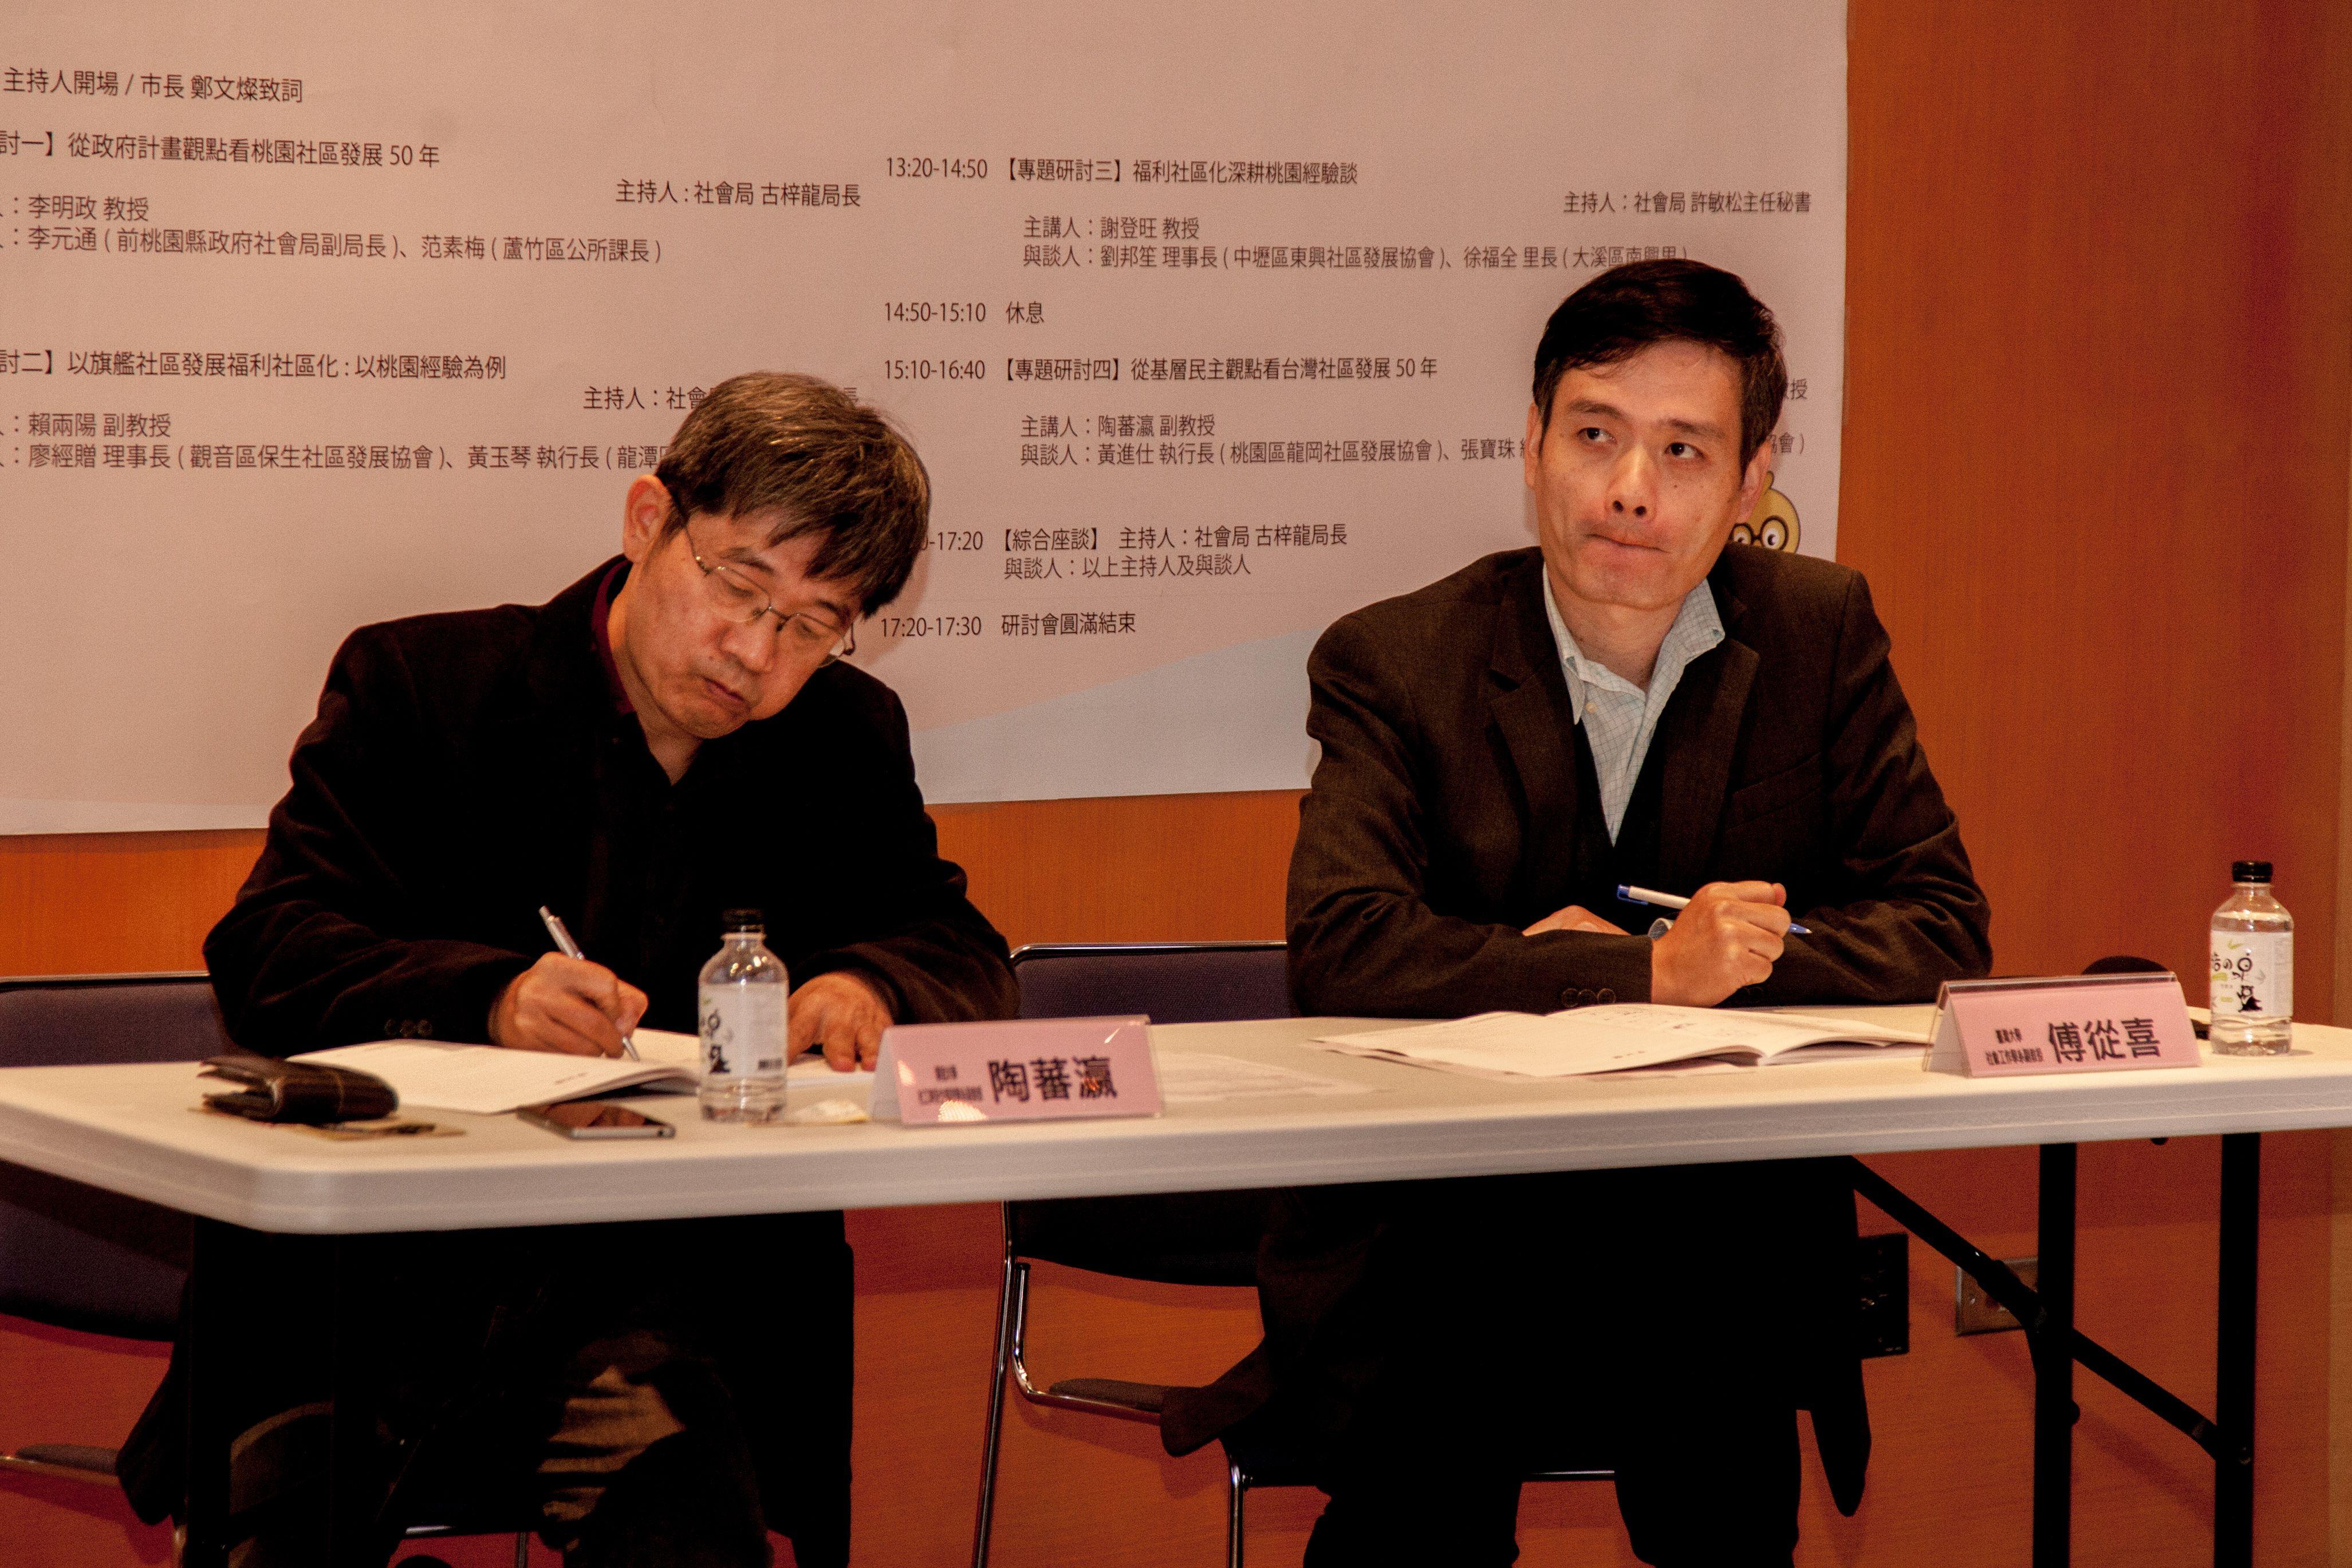 從基層民主觀點看台灣社區發展50年-傅從喜副教授、陶蕃瀛副教授